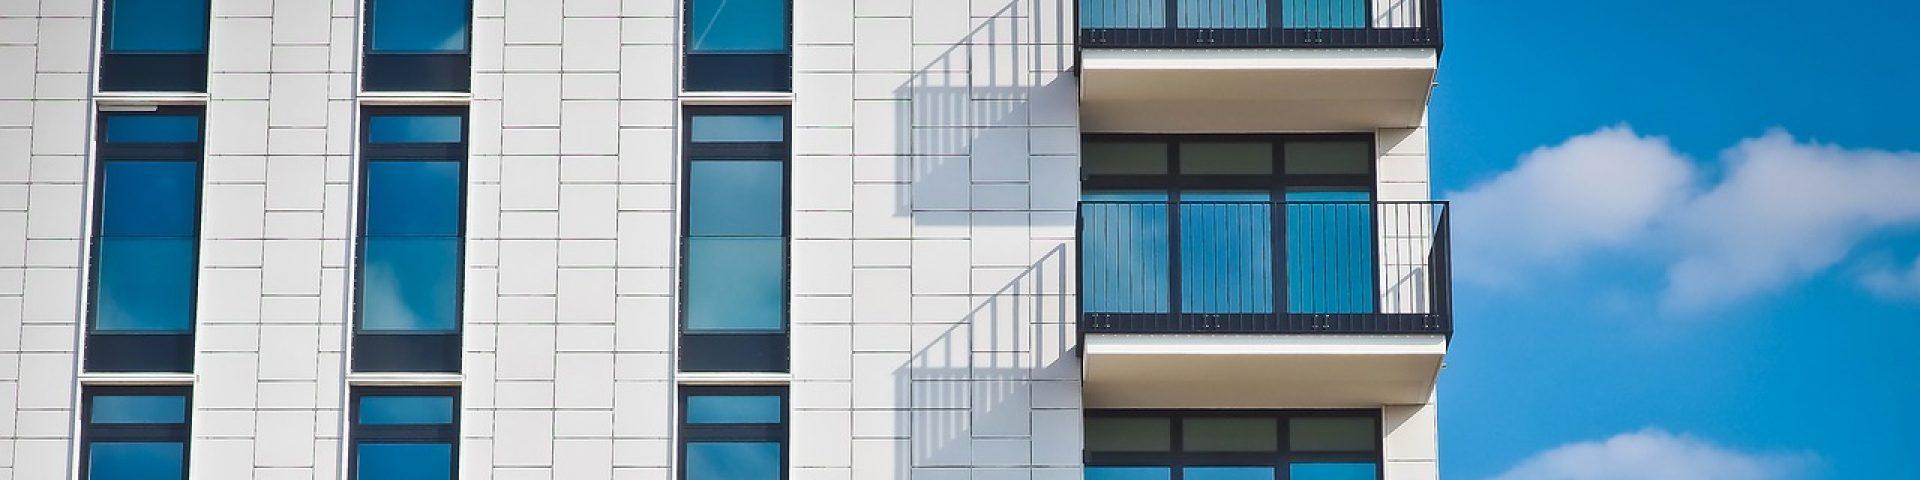 Blogue Immobilier : conseils et astuces